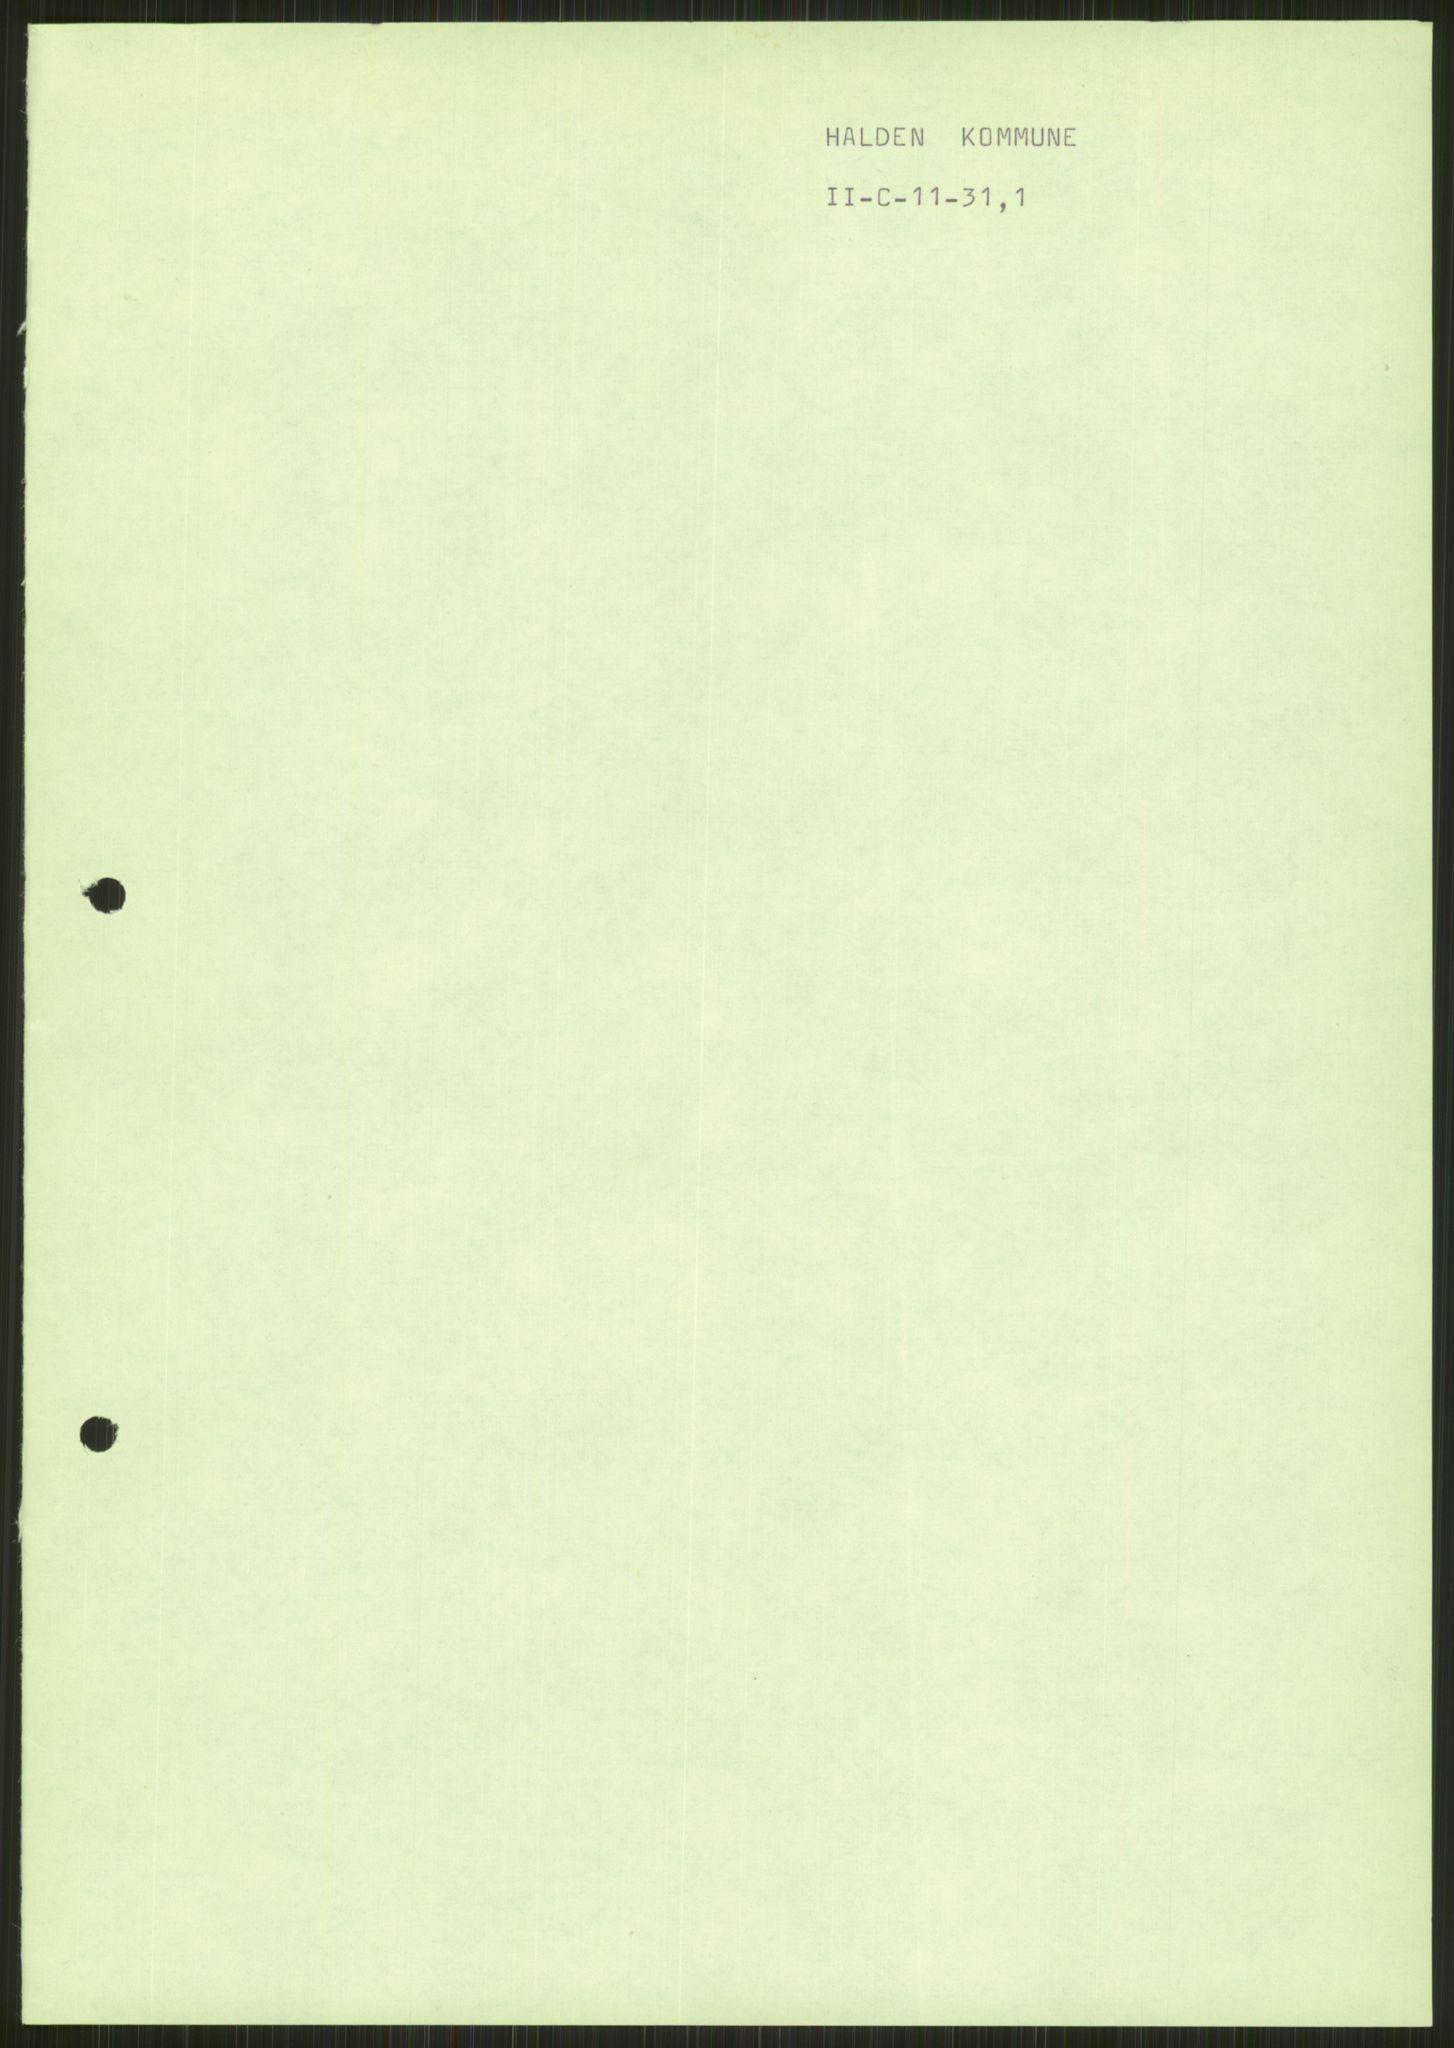 RA, Forsvaret, Forsvarets krigshistoriske avdeling, Y/Ya/L0013: II-C-11-31 - Fylkesmenn.  Rapporter om krigsbegivenhetene 1940., 1940, s. 65